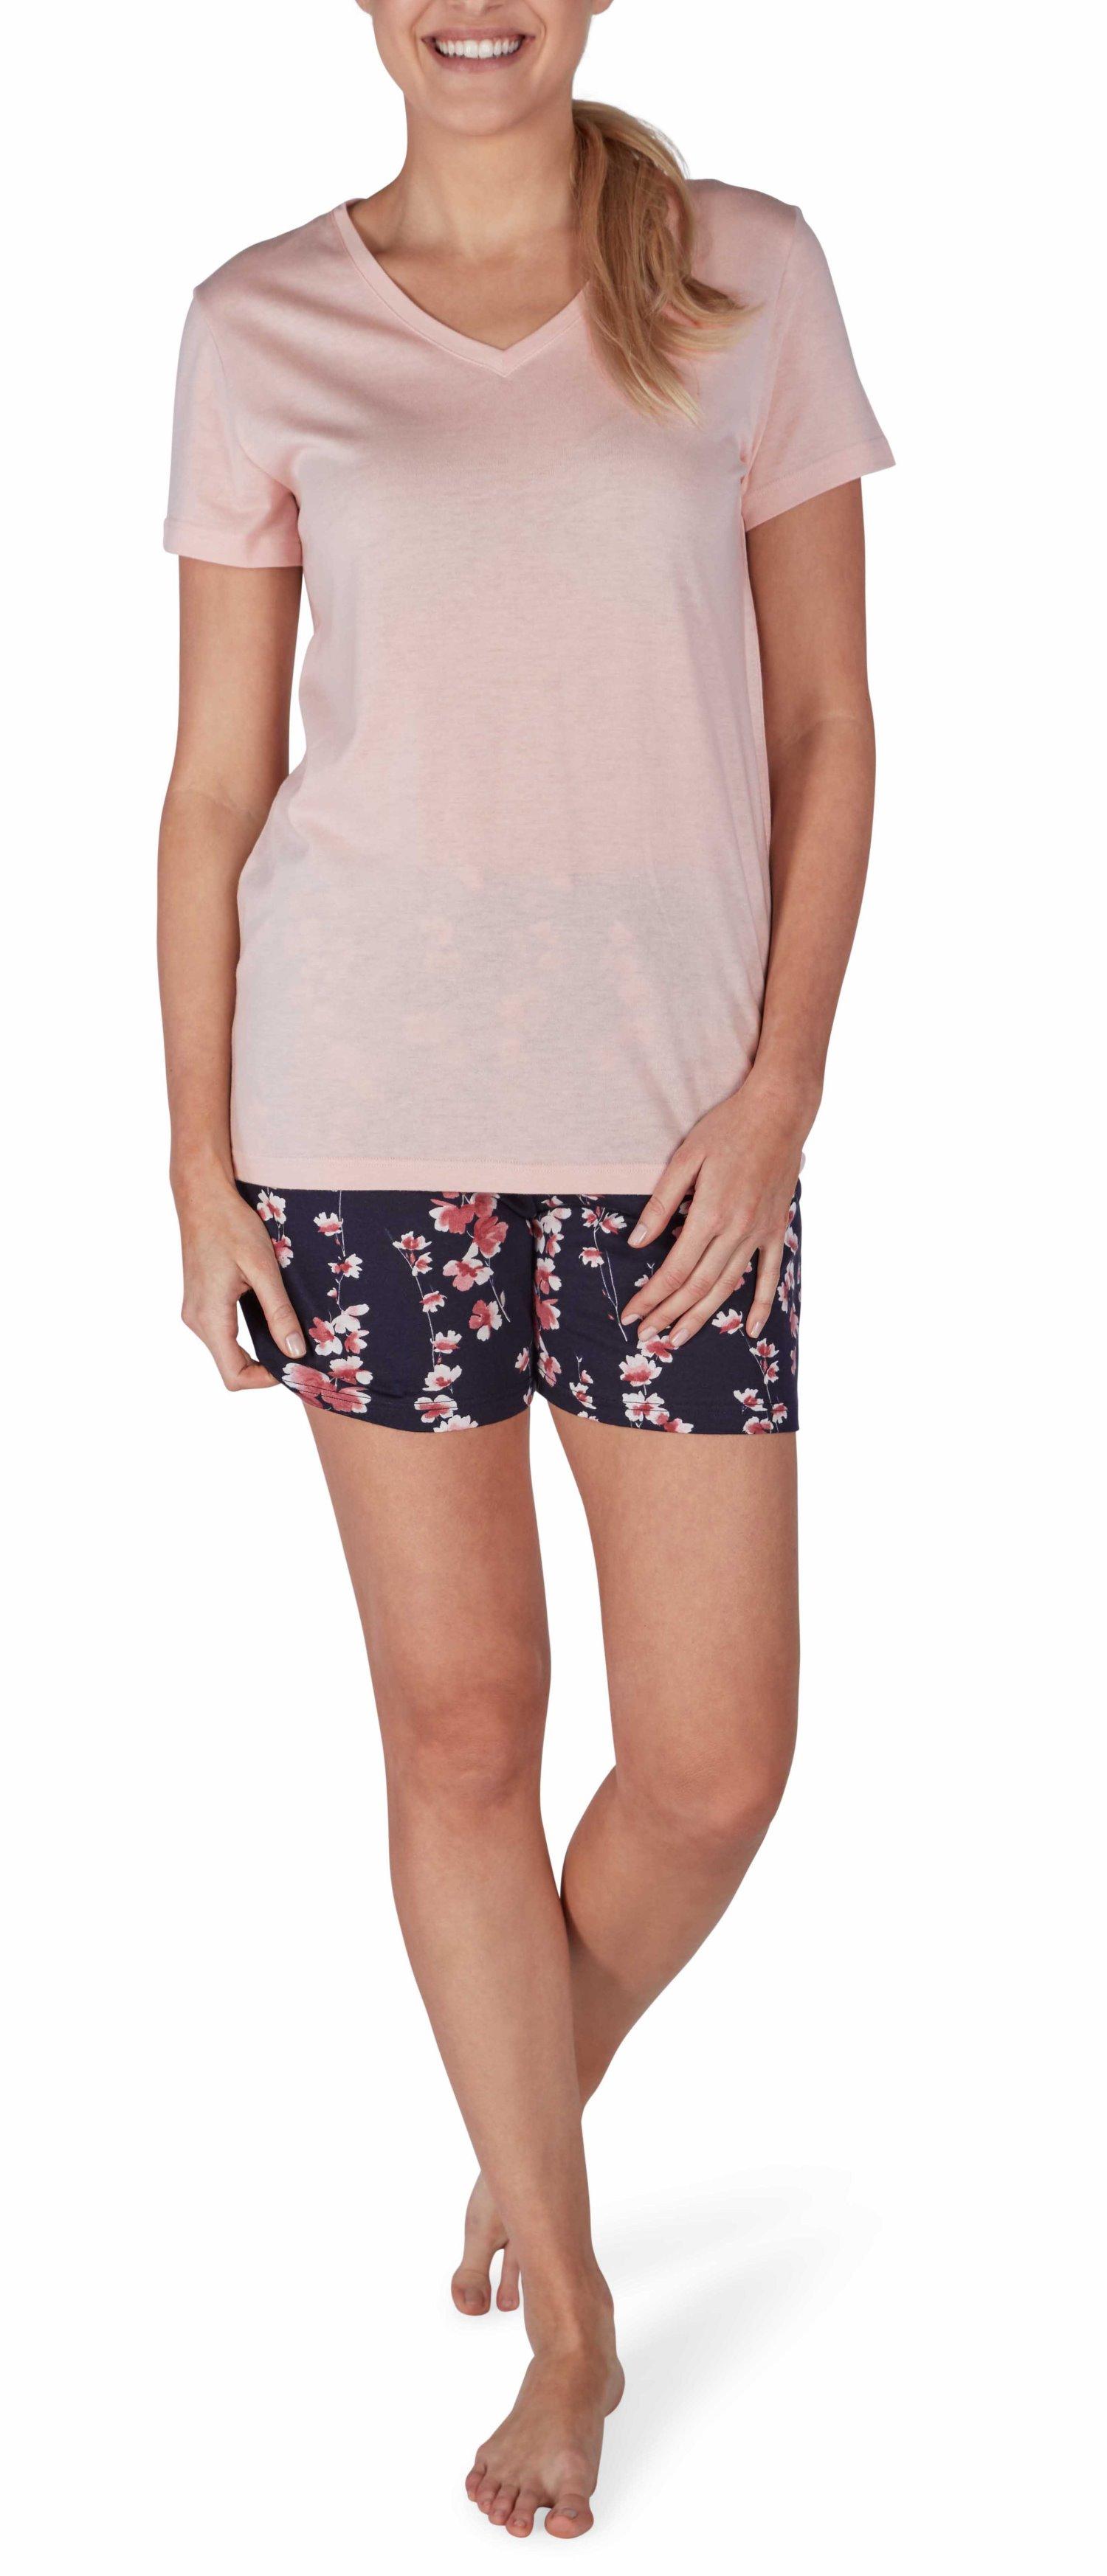 sale amazon Sortenstile von 2019 Details zu Huber Damen Schlafanzug Pyjama blau apricot mit Blumen 18968 7210